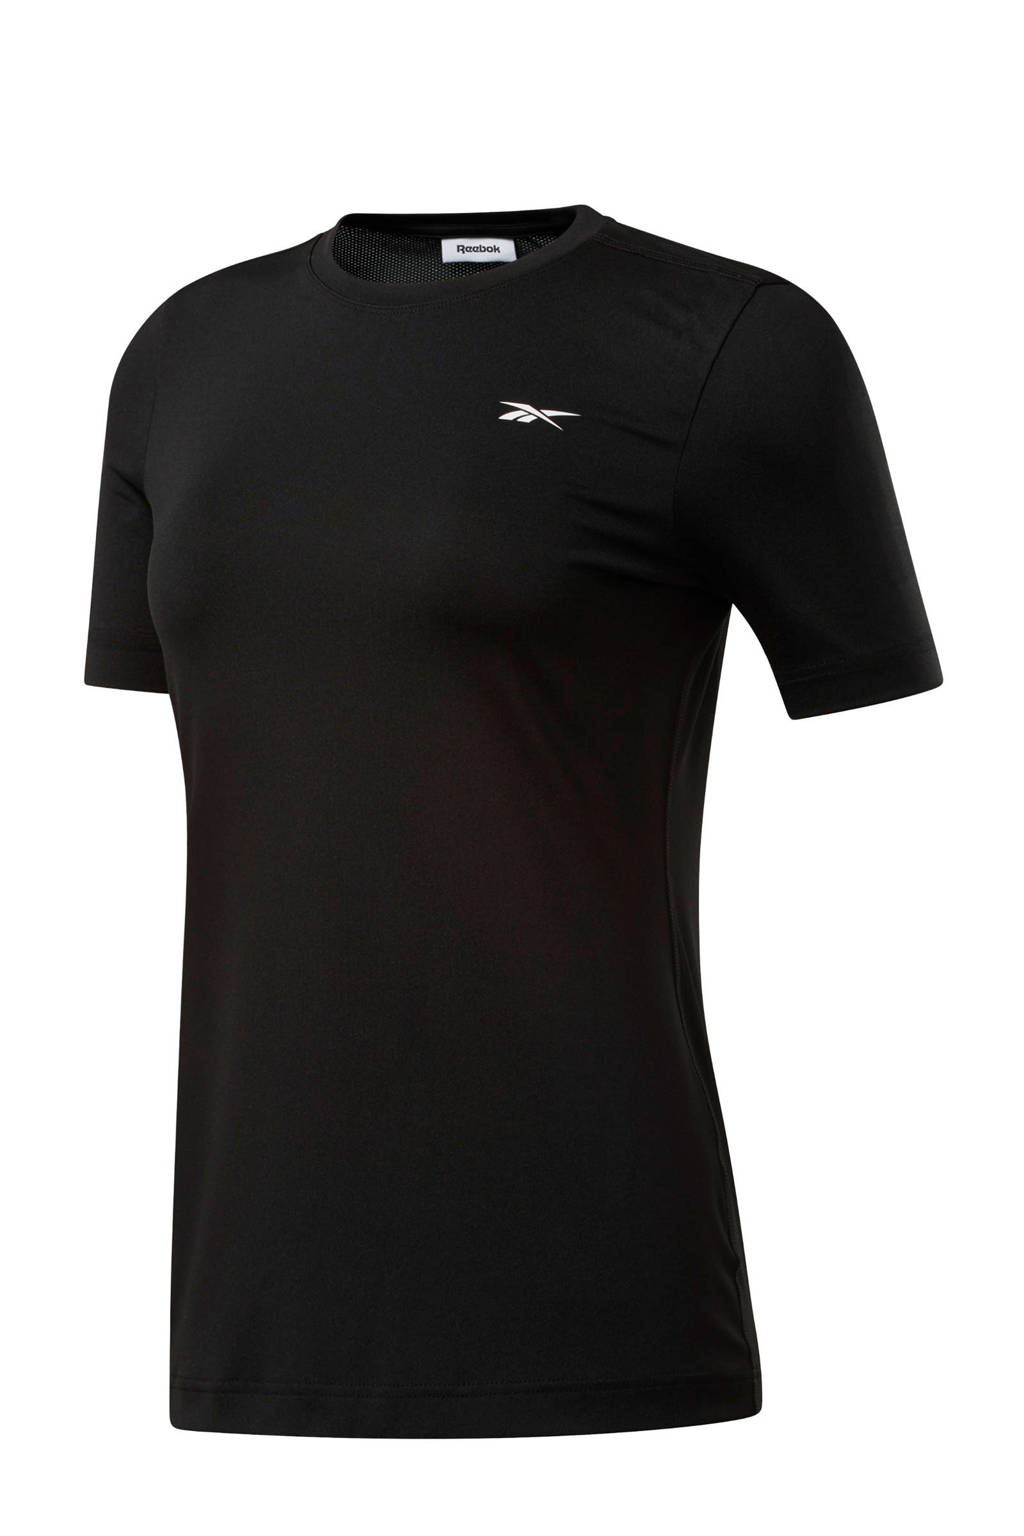 Reebok Training sport T-shirt zwart, Zwart